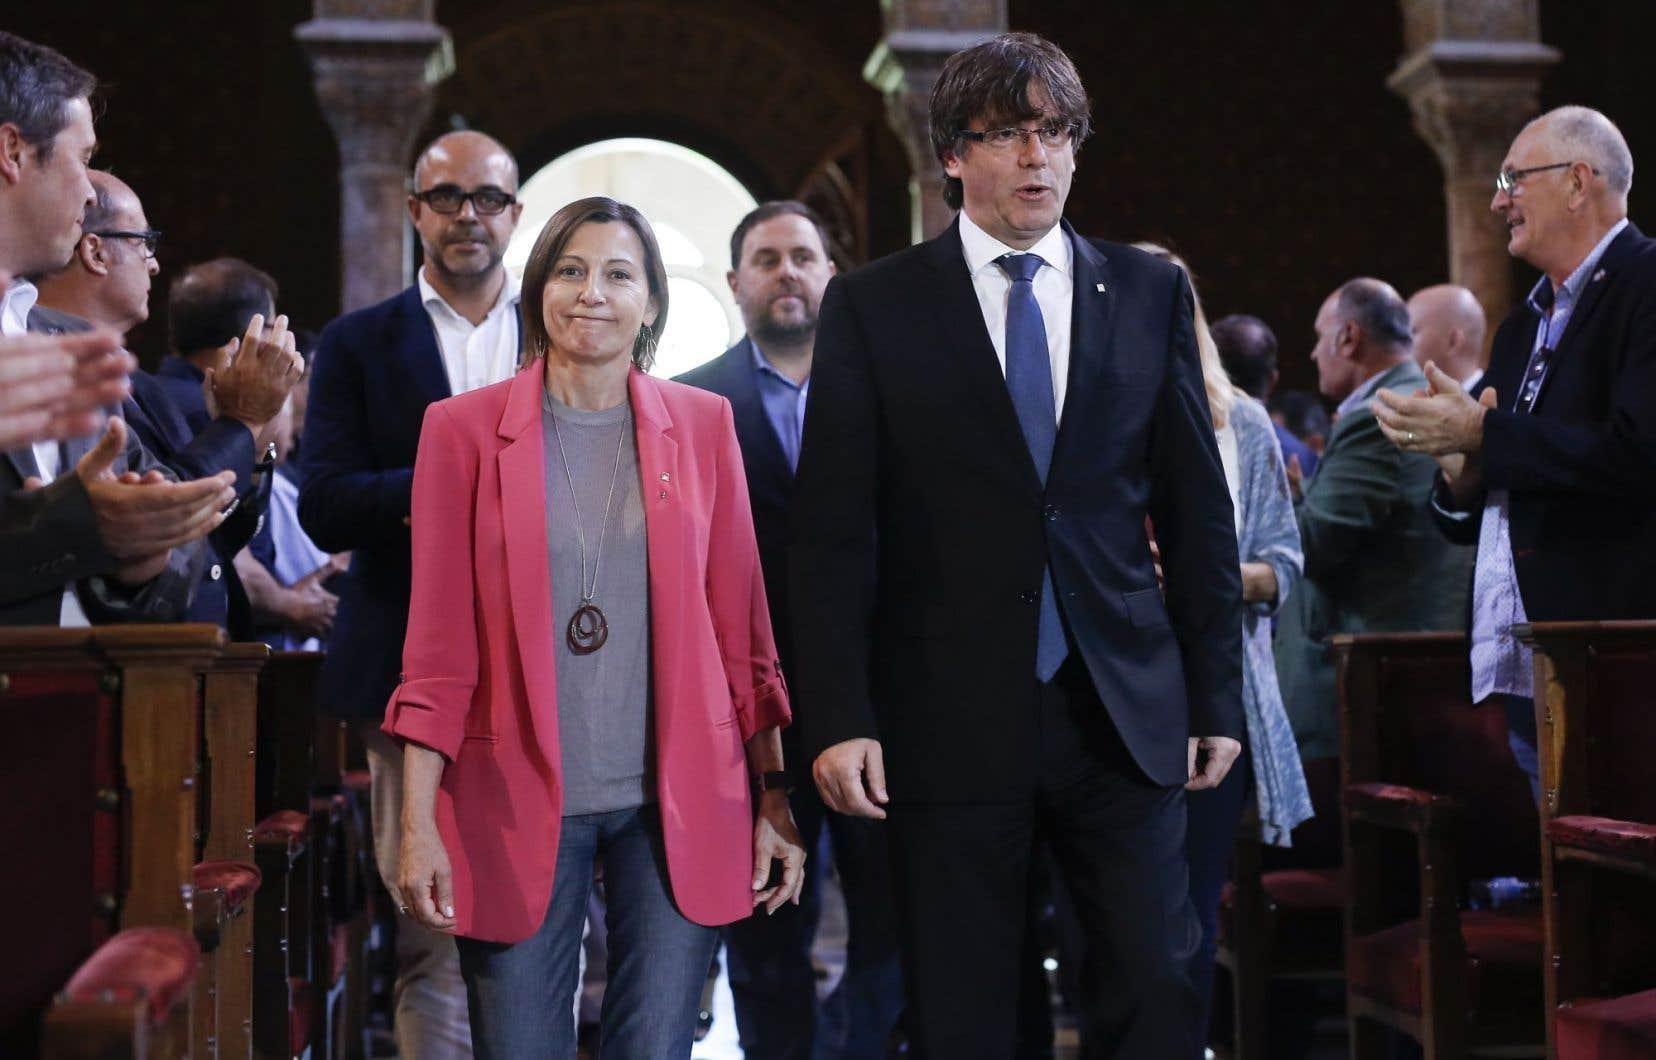 Le président du gouvernement régional catalan Carles Puigdemont et la présidente du parlement catalan Carme Forcadell